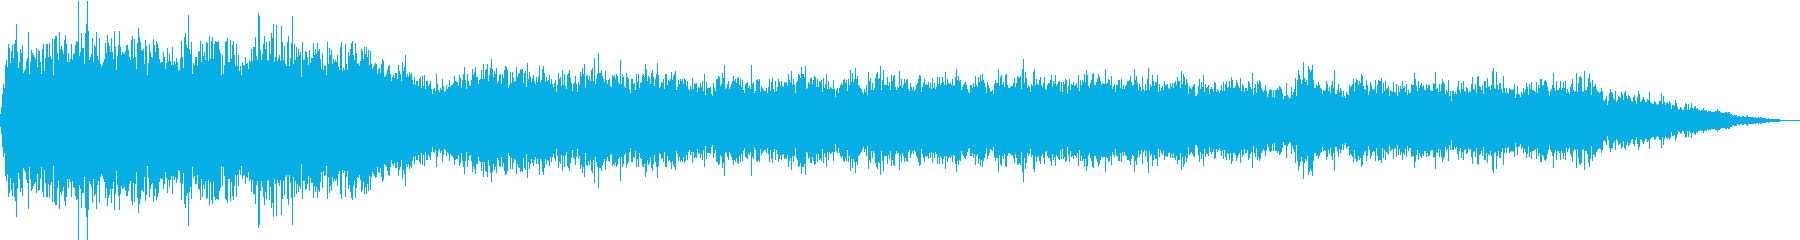 ガス放出;ガラス管2;安定した高音...の再生済みの波形